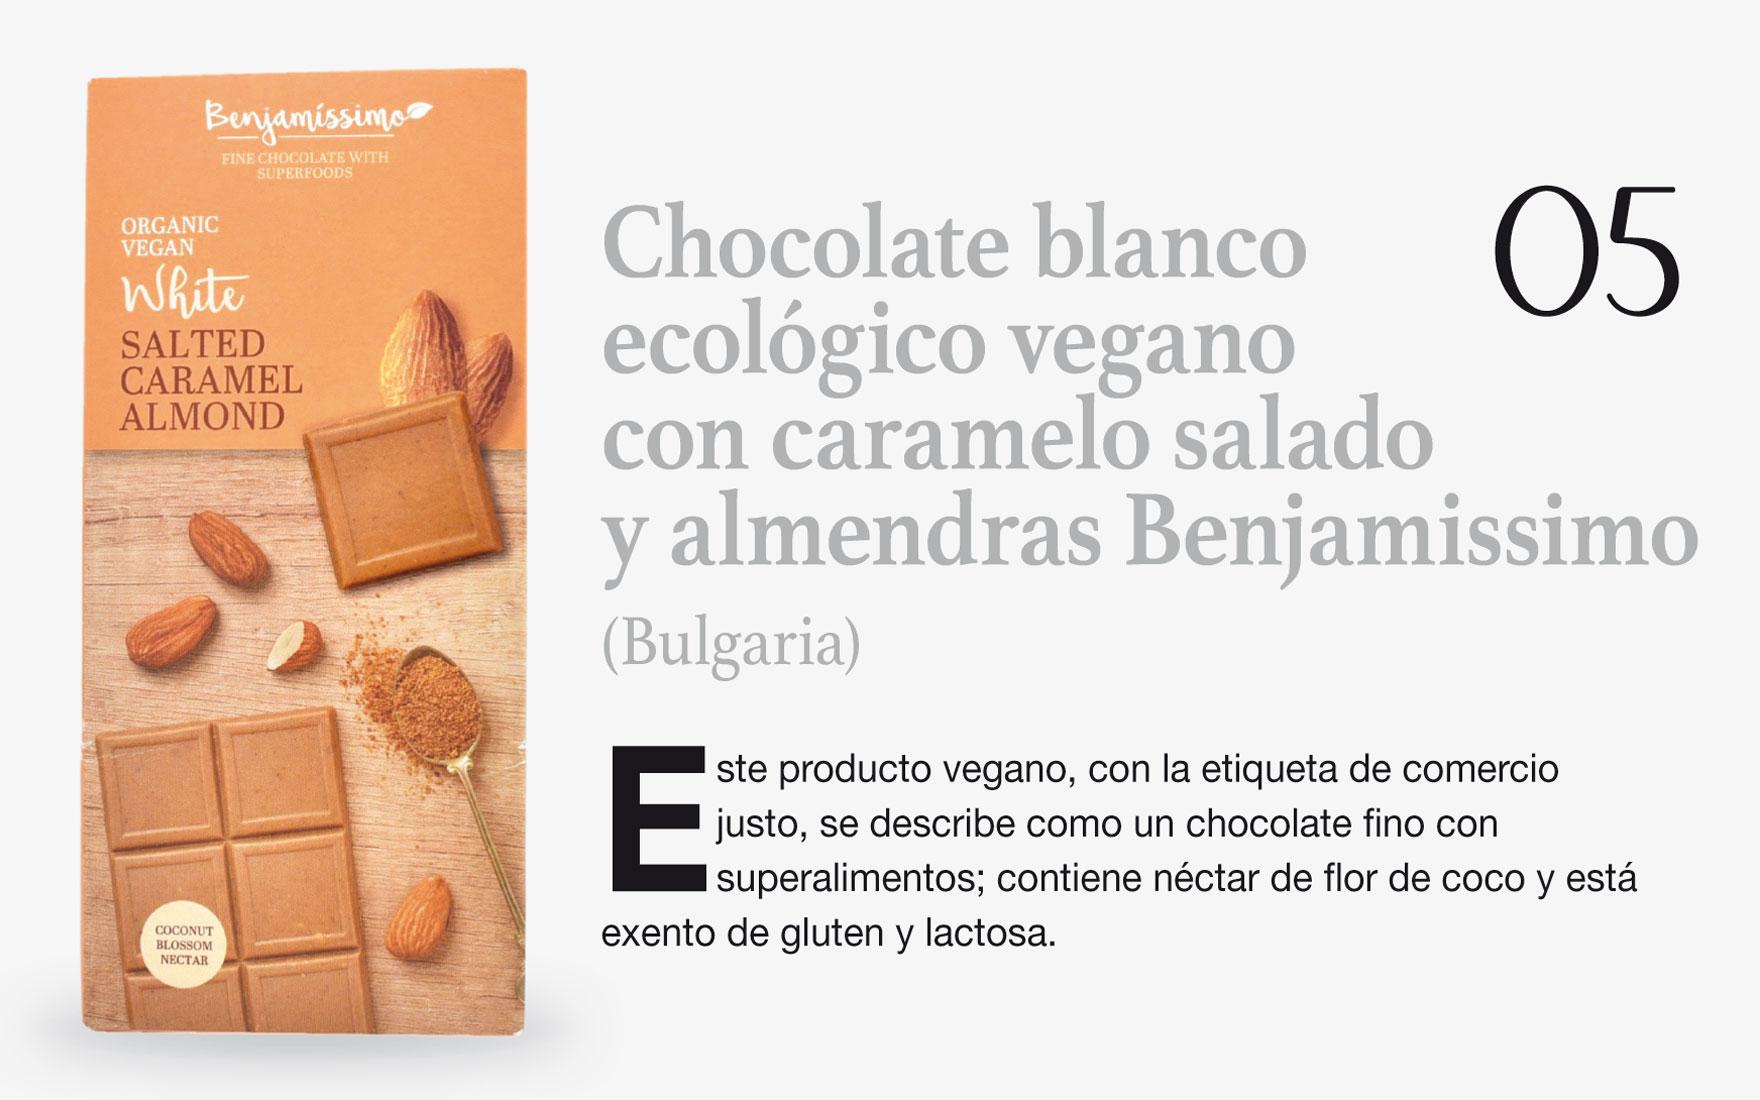 Chocolate blanco ecológico vegano con caramelo salado y almendras Benjamissimo (Bulgaria)